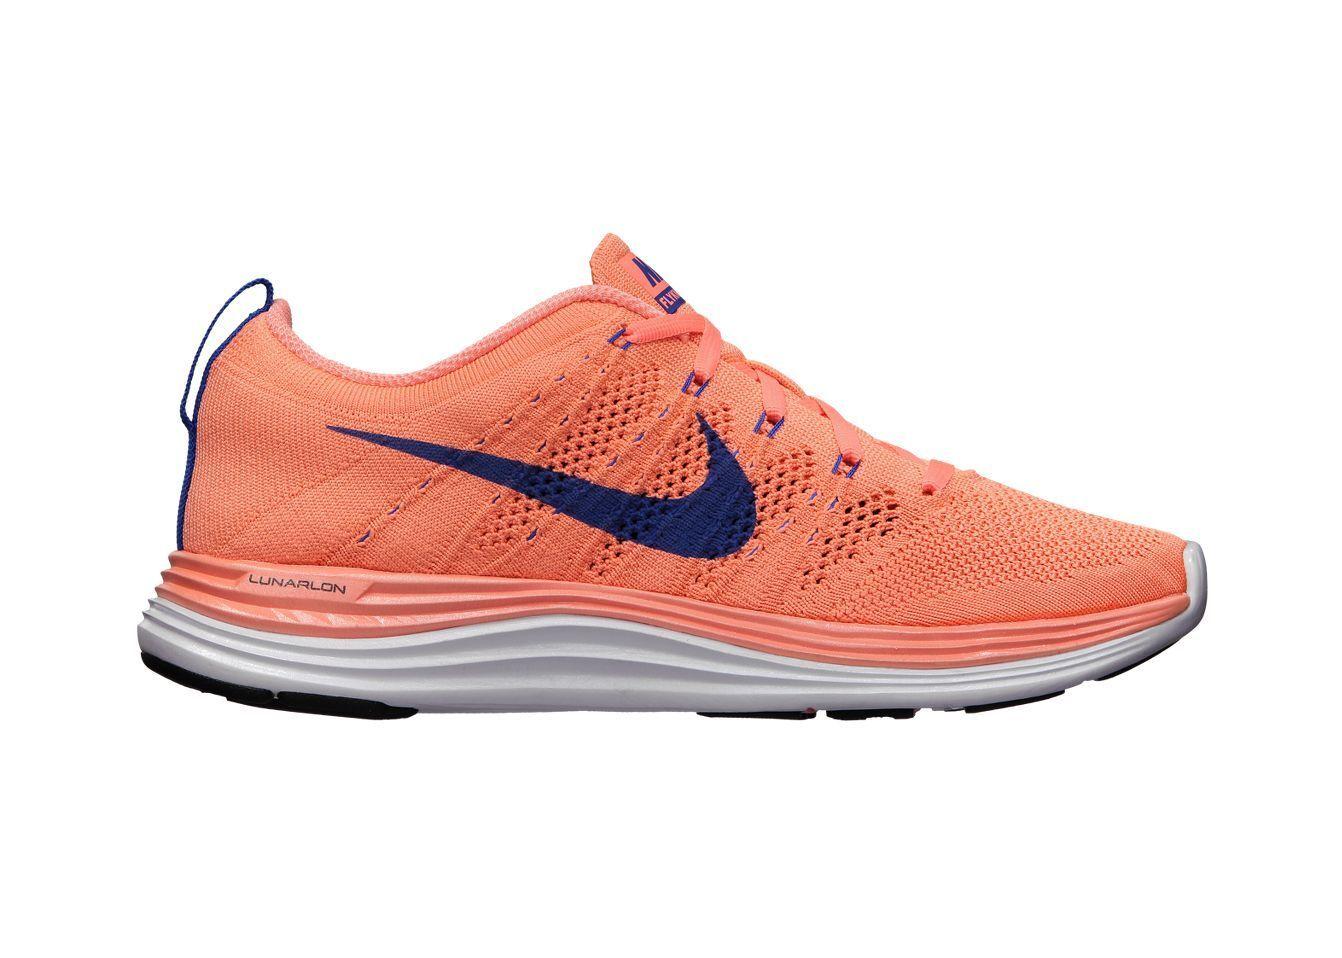 Nike Flyknit Flyknit Flyknit  Women's Running shoes 554888 641 size 9.5 PINK blueE BARBIE 551987